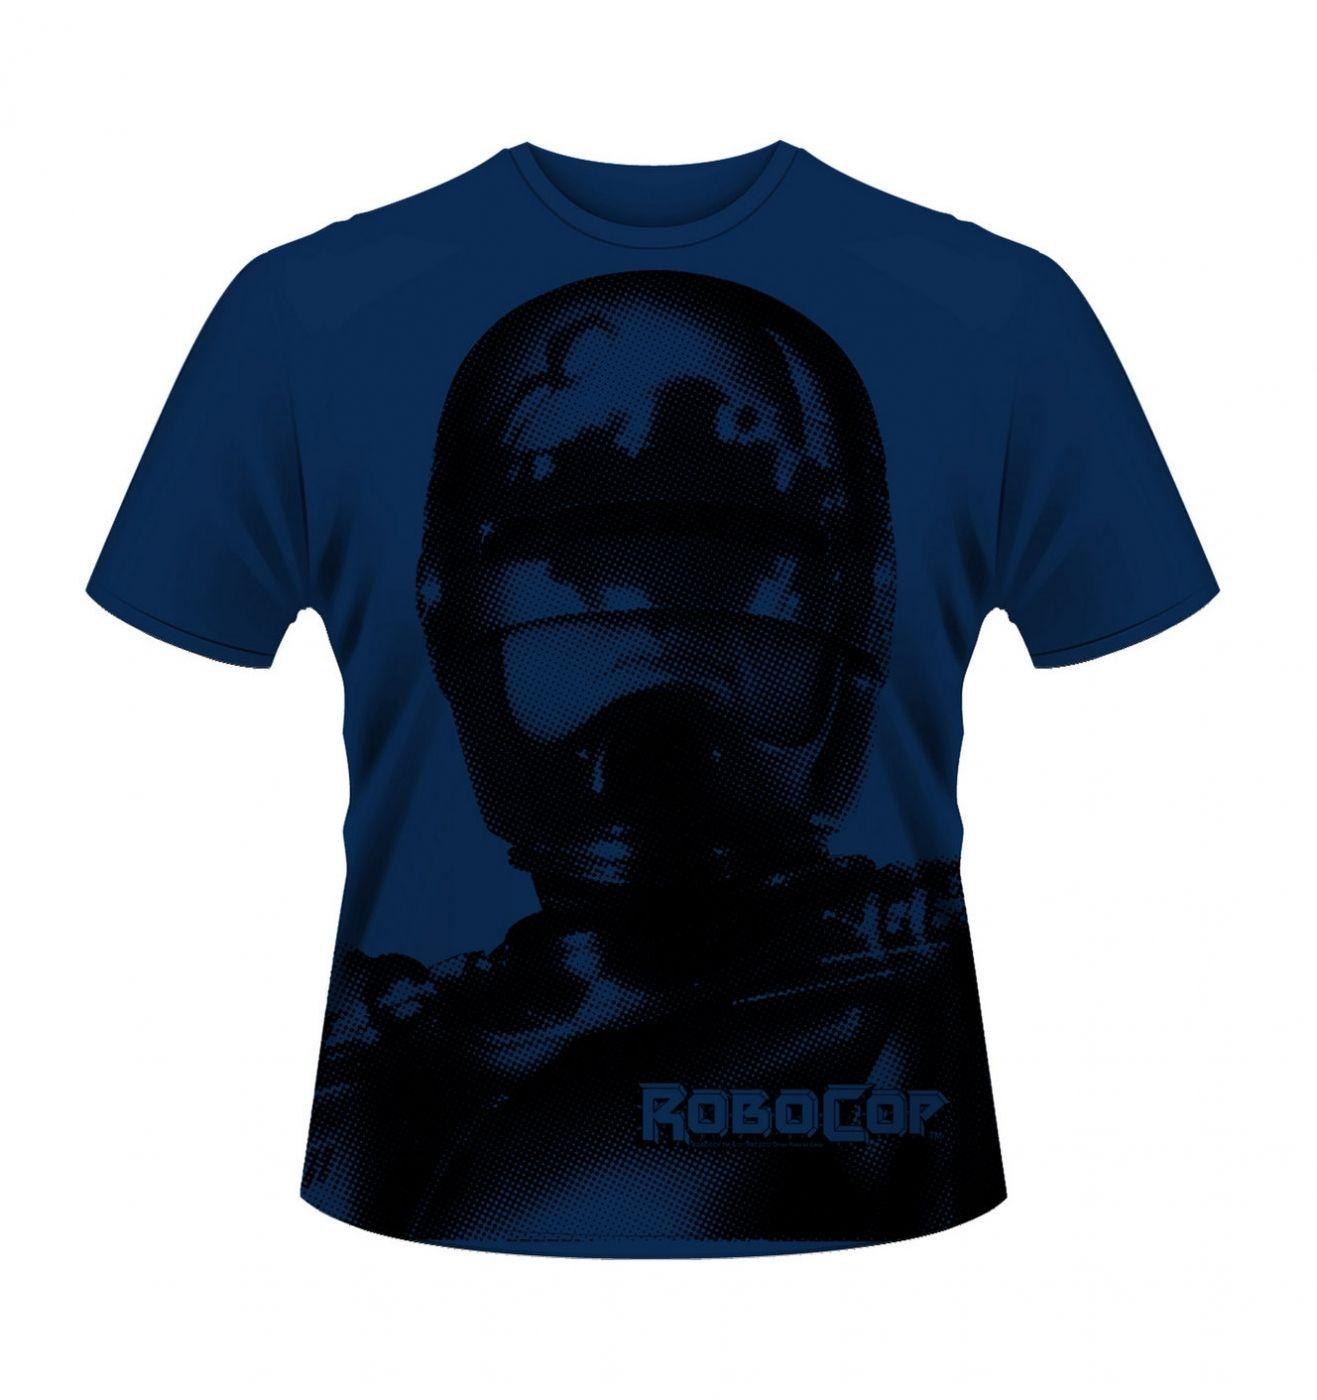 OFFICIAL Robocop Helmet (Jumbo Print) men's t-shirt